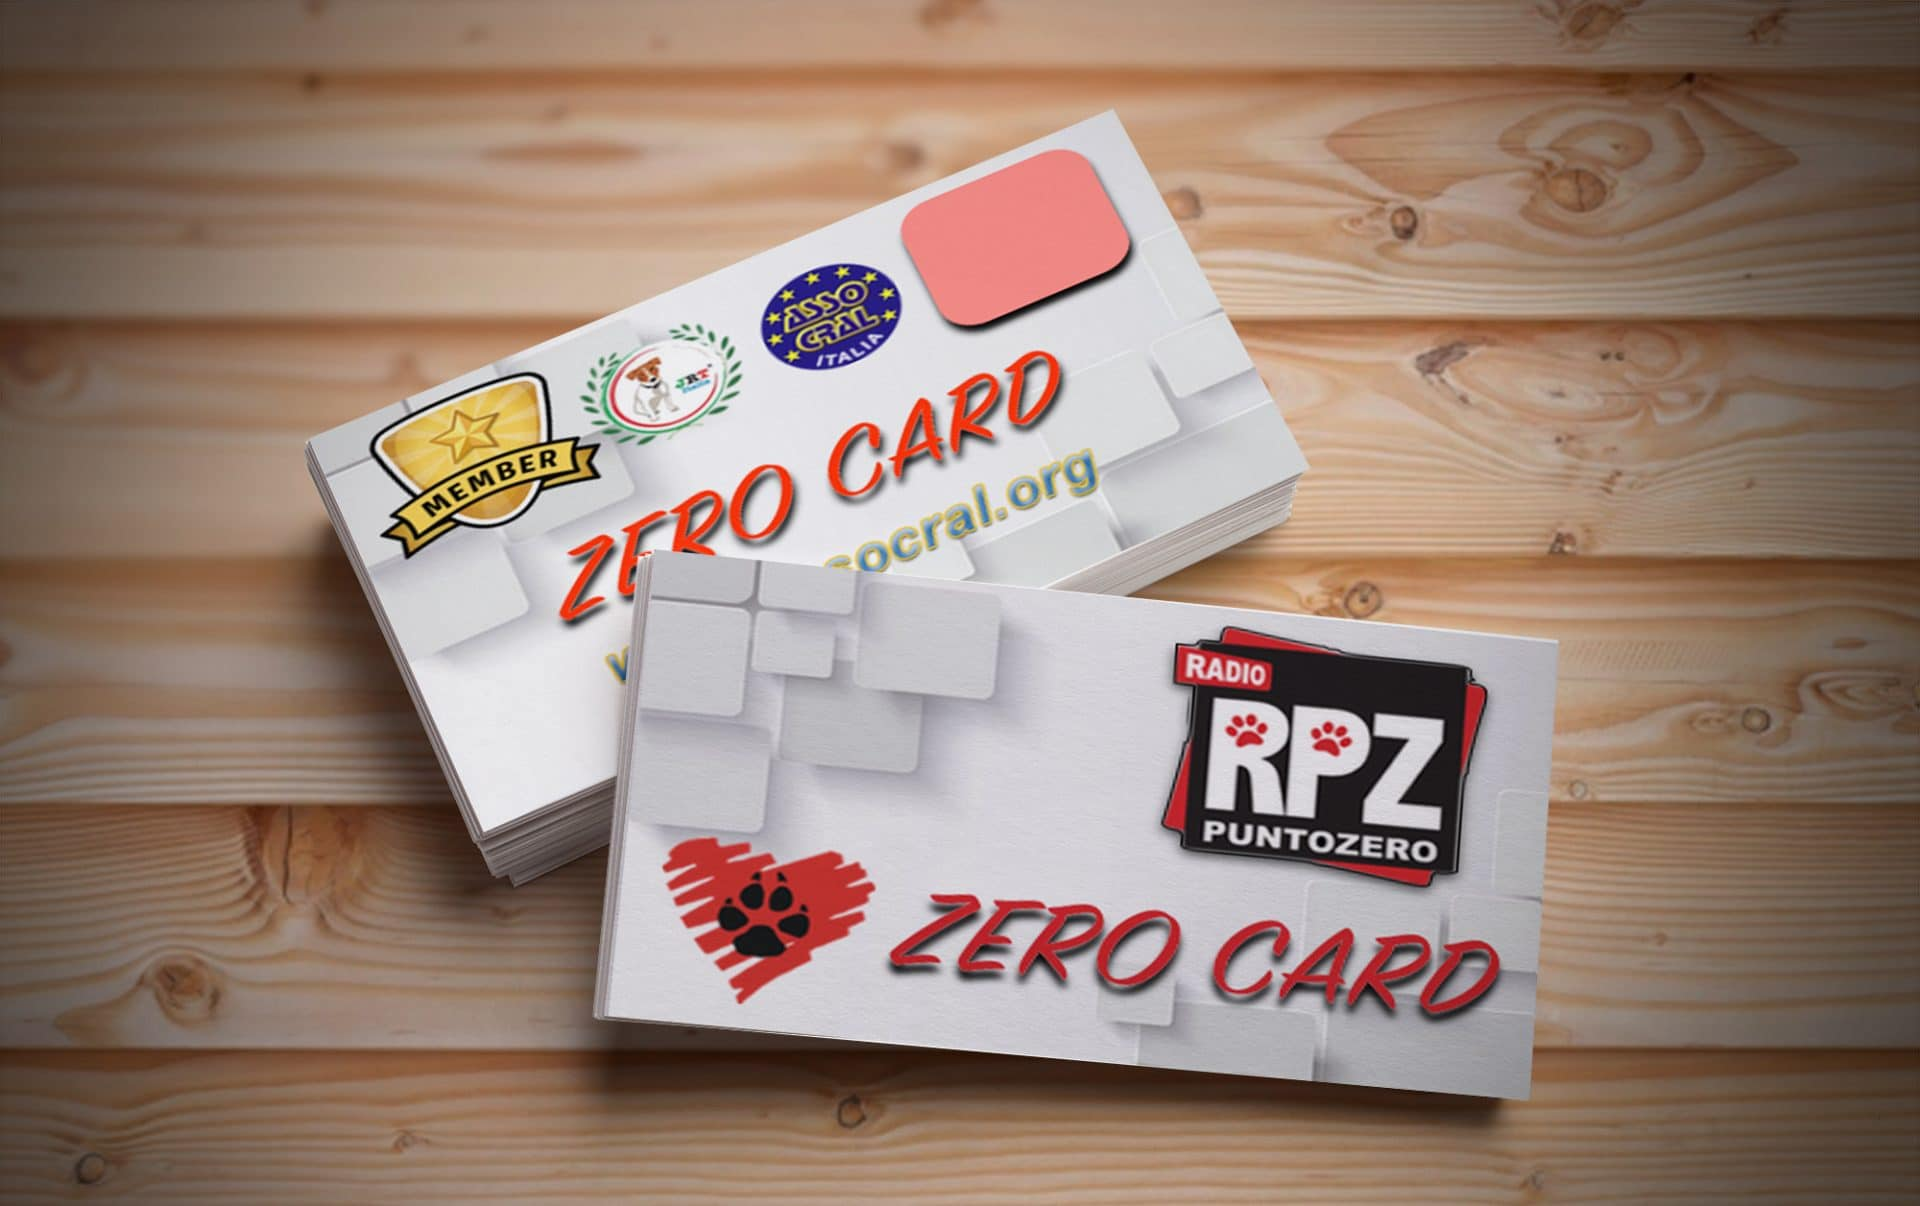 card-2 Zero Card